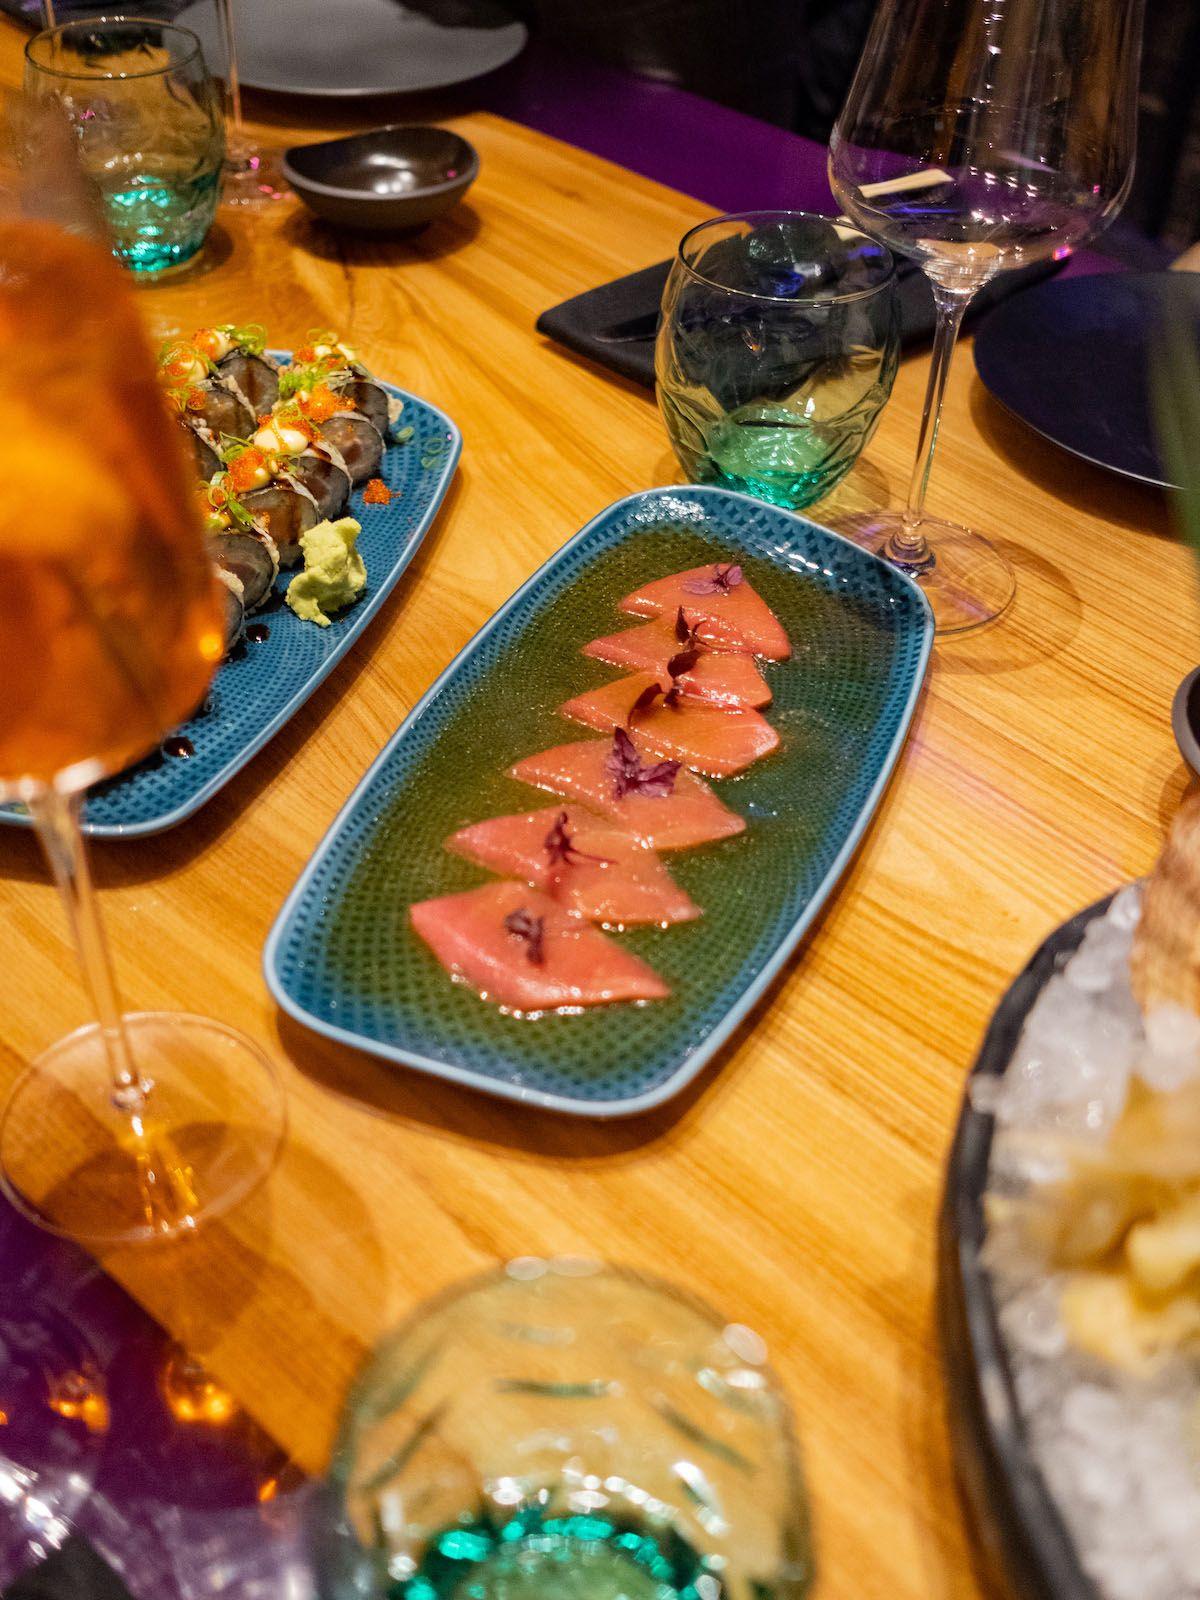 Foodblog, About Fuel, Leckerbissen, The Catch Berlin, Tataki, Sashimi, Ponzu, Dinner